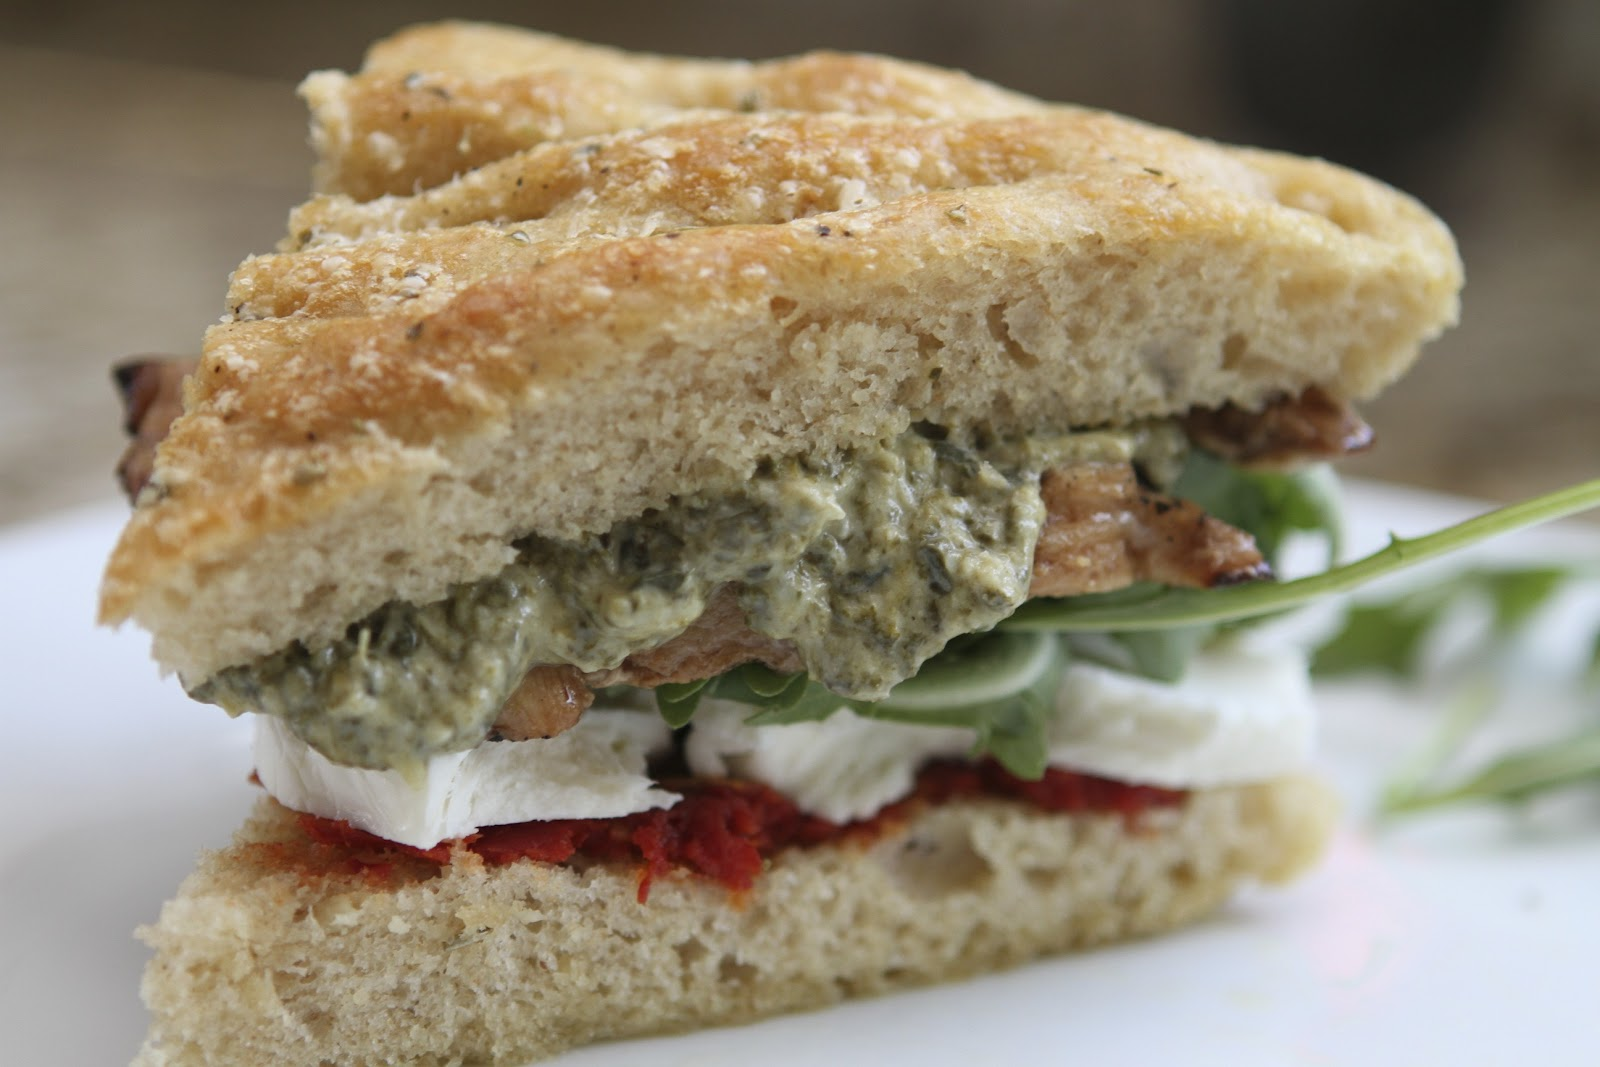 ... Artichoke spread, Mozzarella, and Sun dried Tomato Chicken sandwiches